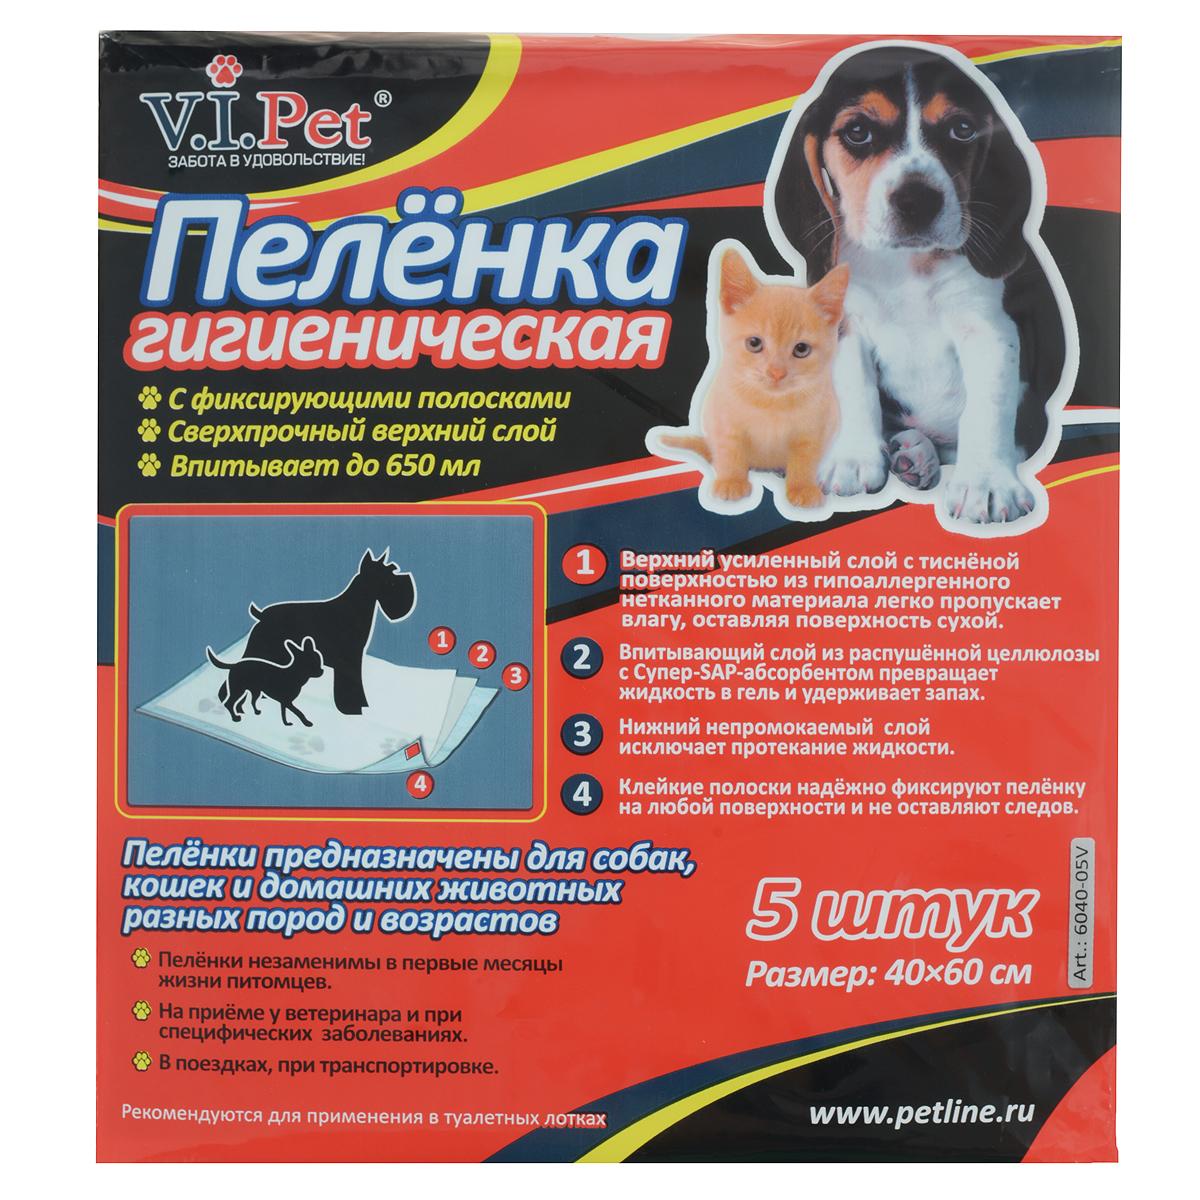 Пеленки для домашних животных V.I.Pet, гигиенические, 40 см х 60 см, 5 шт0120710Впитывающие гигиенические пеленки V.I.Pet предназначены для собак, кошек и других домашних животных разных пород и возрастов. Пеленки имеют 3 слоя:- верхний усиленный слой с тисненой поверхностью из гипоаллергенного нетканного материала легко пропускает влагу, оставляя поверхность сухой; - впитывающий слой из распушенной целлюлозы с Супер-SAP-абсорбентом превращает жидкость в гель и удерживает запах; - нижний непромокаемый слой исключает протекание жидкости; Клейкие полоски надежно фиксируют пеленку на любой поверхности и не оставляют следов. Пеленки незаменимы в первые месяцы жизни щенков, при специфических заболеваниях, поездках, выставках и на приеме у ветеринара. Подходят для туалетных лотков.Благодаря оригинальной 3-х слойной компановке, пеленки прекрасно удерживают влагу. Сохраняют форму, поглощая до 650 мл жидкости. Сверхпрочный верхний слой устойчив к повреждениям и острым когтям. Пеленки обеспечивают комфорт и спокойствие вам и вашему питомцу. Комплектация: 5 шт. Размер пеленки: 40 см х 60 см.Товар сертифицирован.